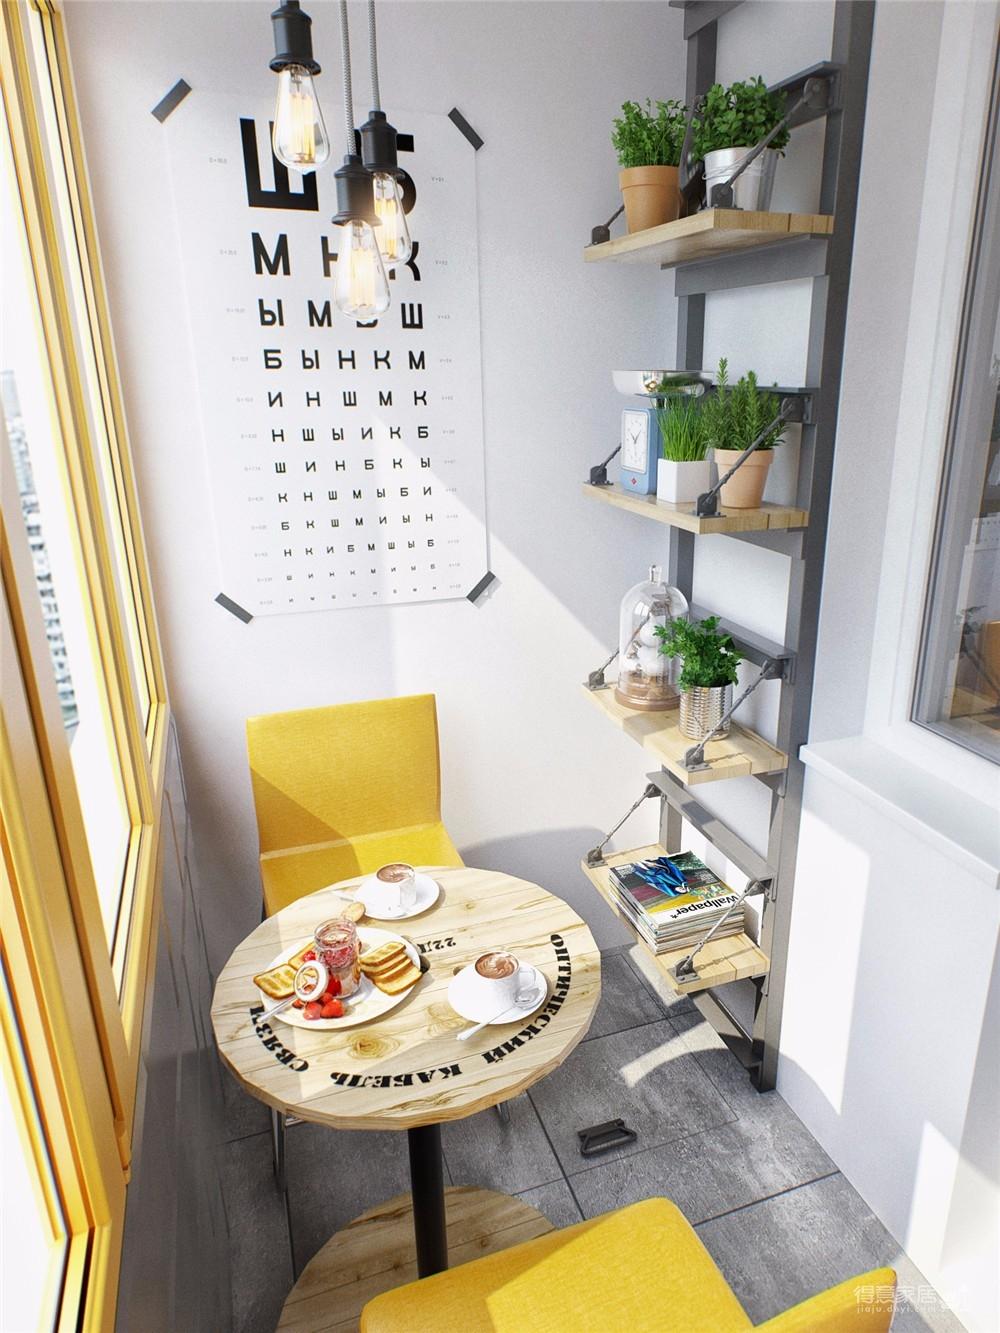 金茂国际公寓45平北欧风图_13